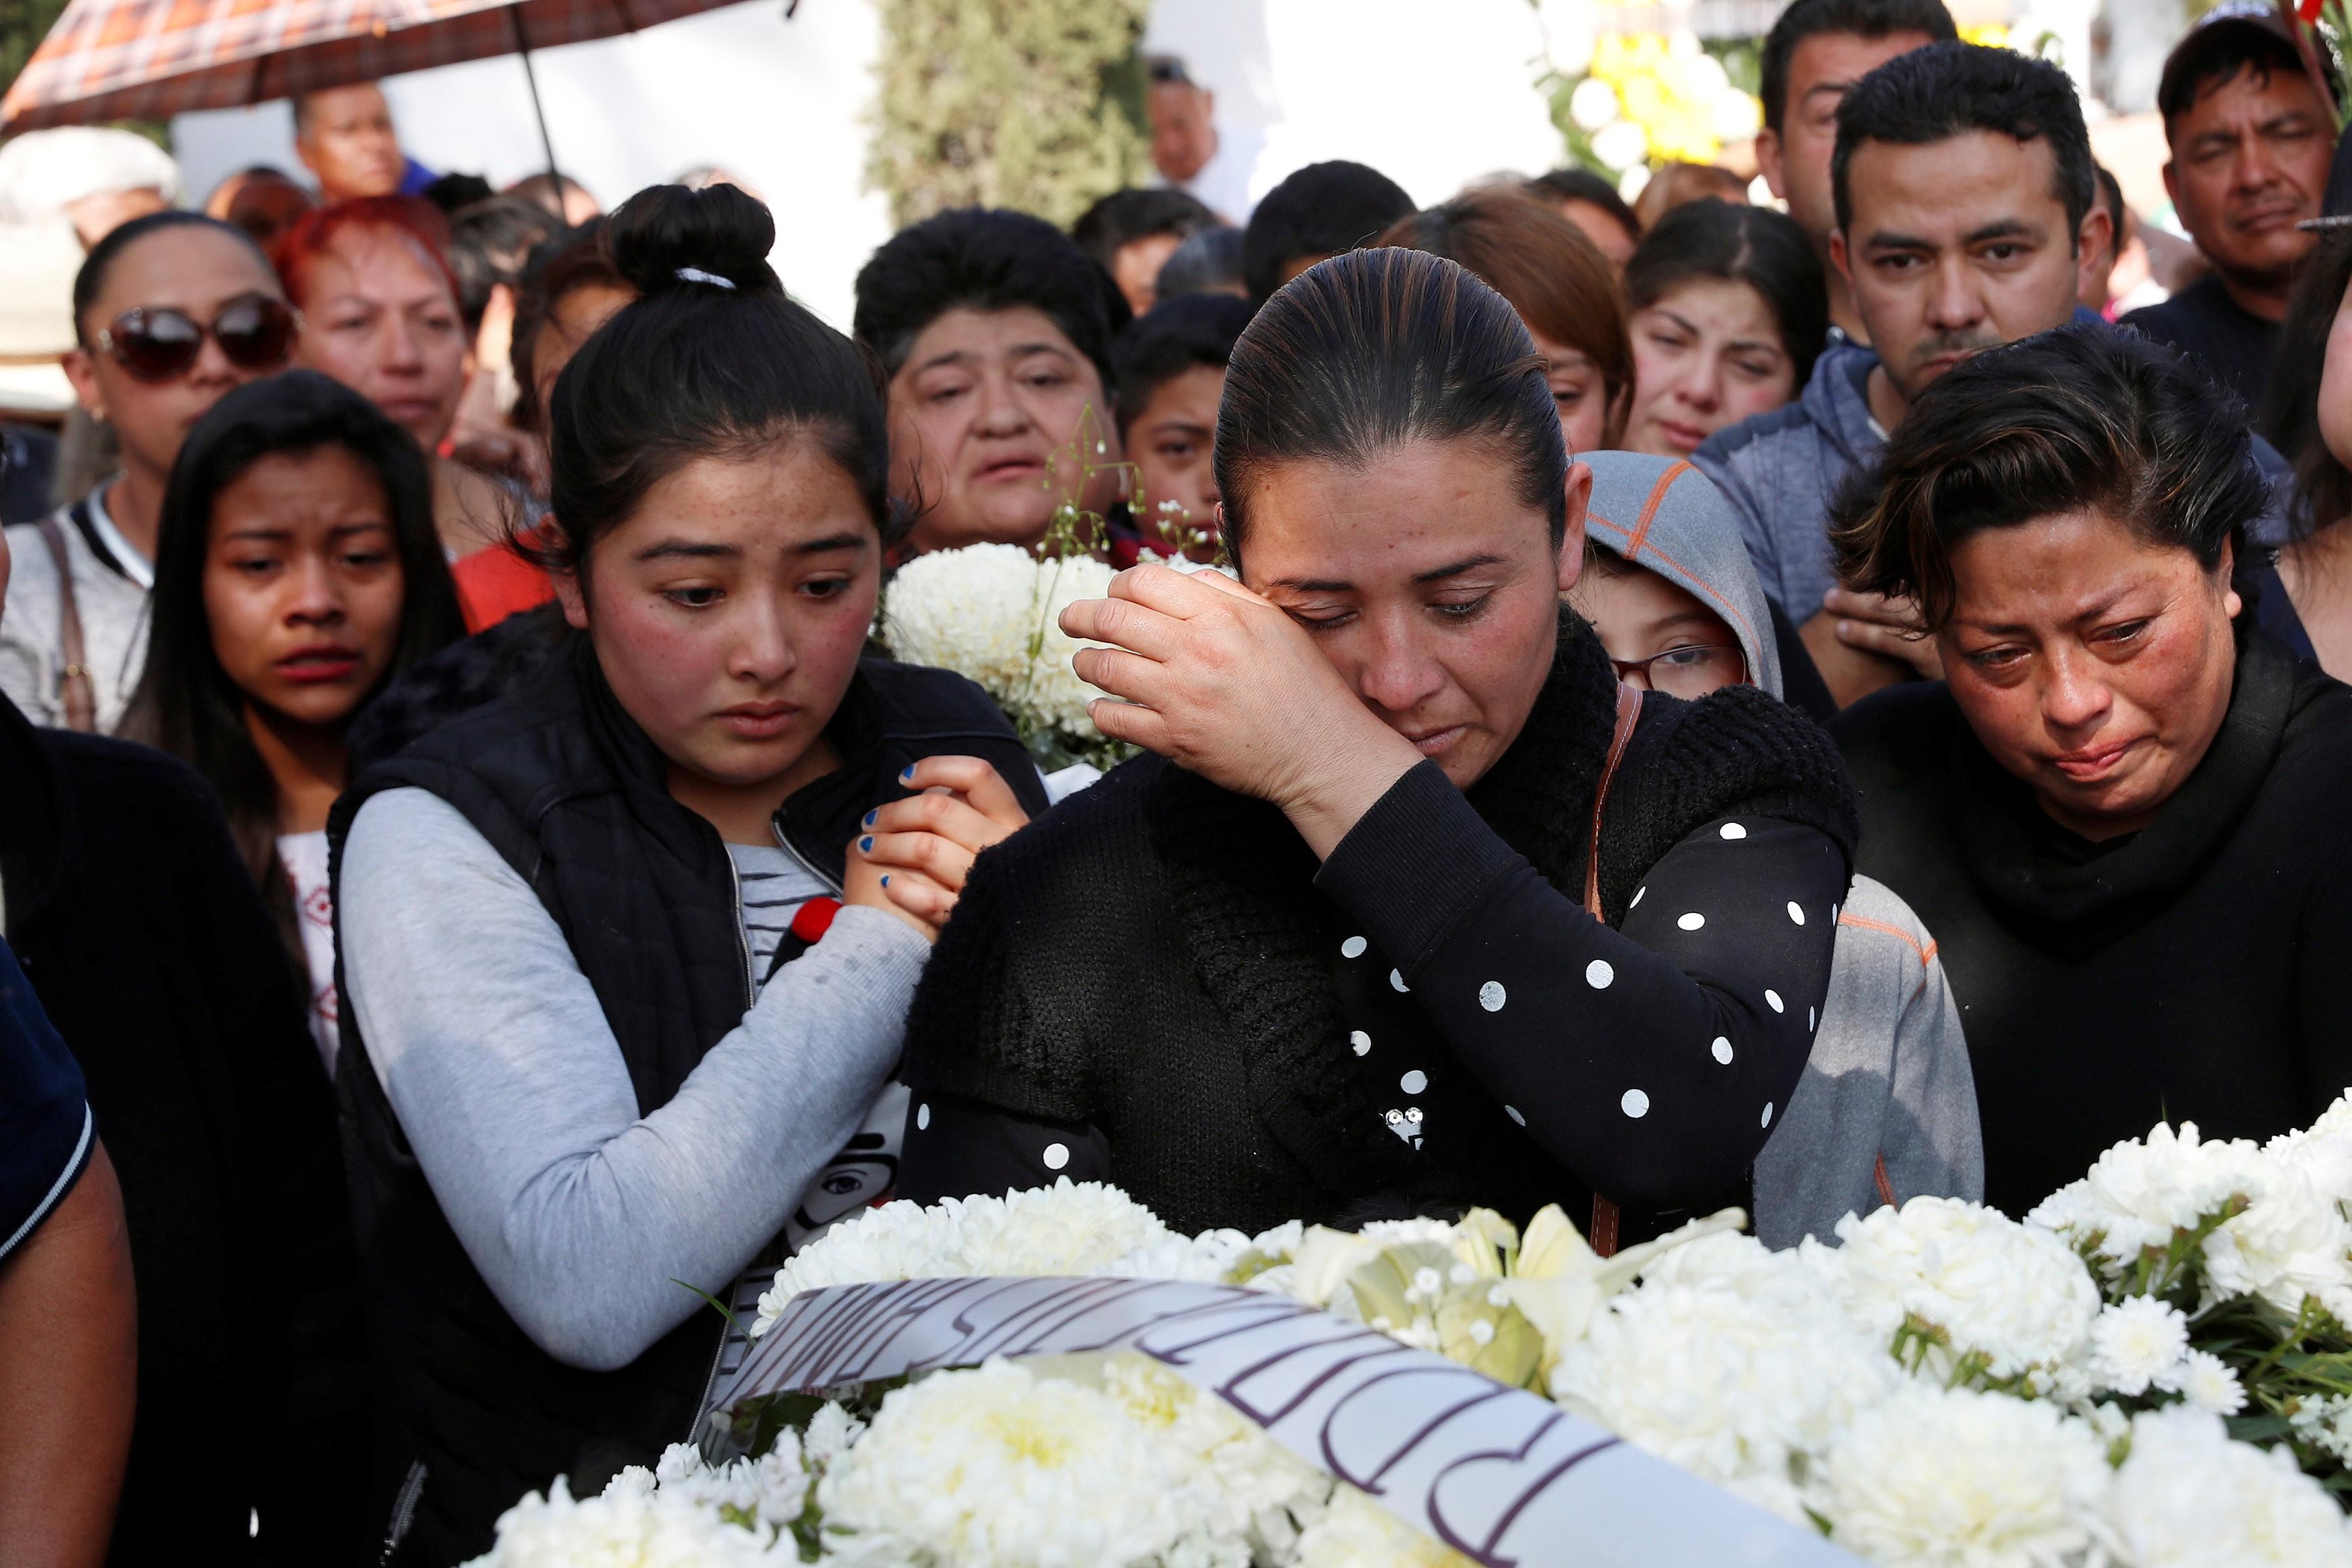 Nº de mortos em explosão de oleoduto no México chega a 85